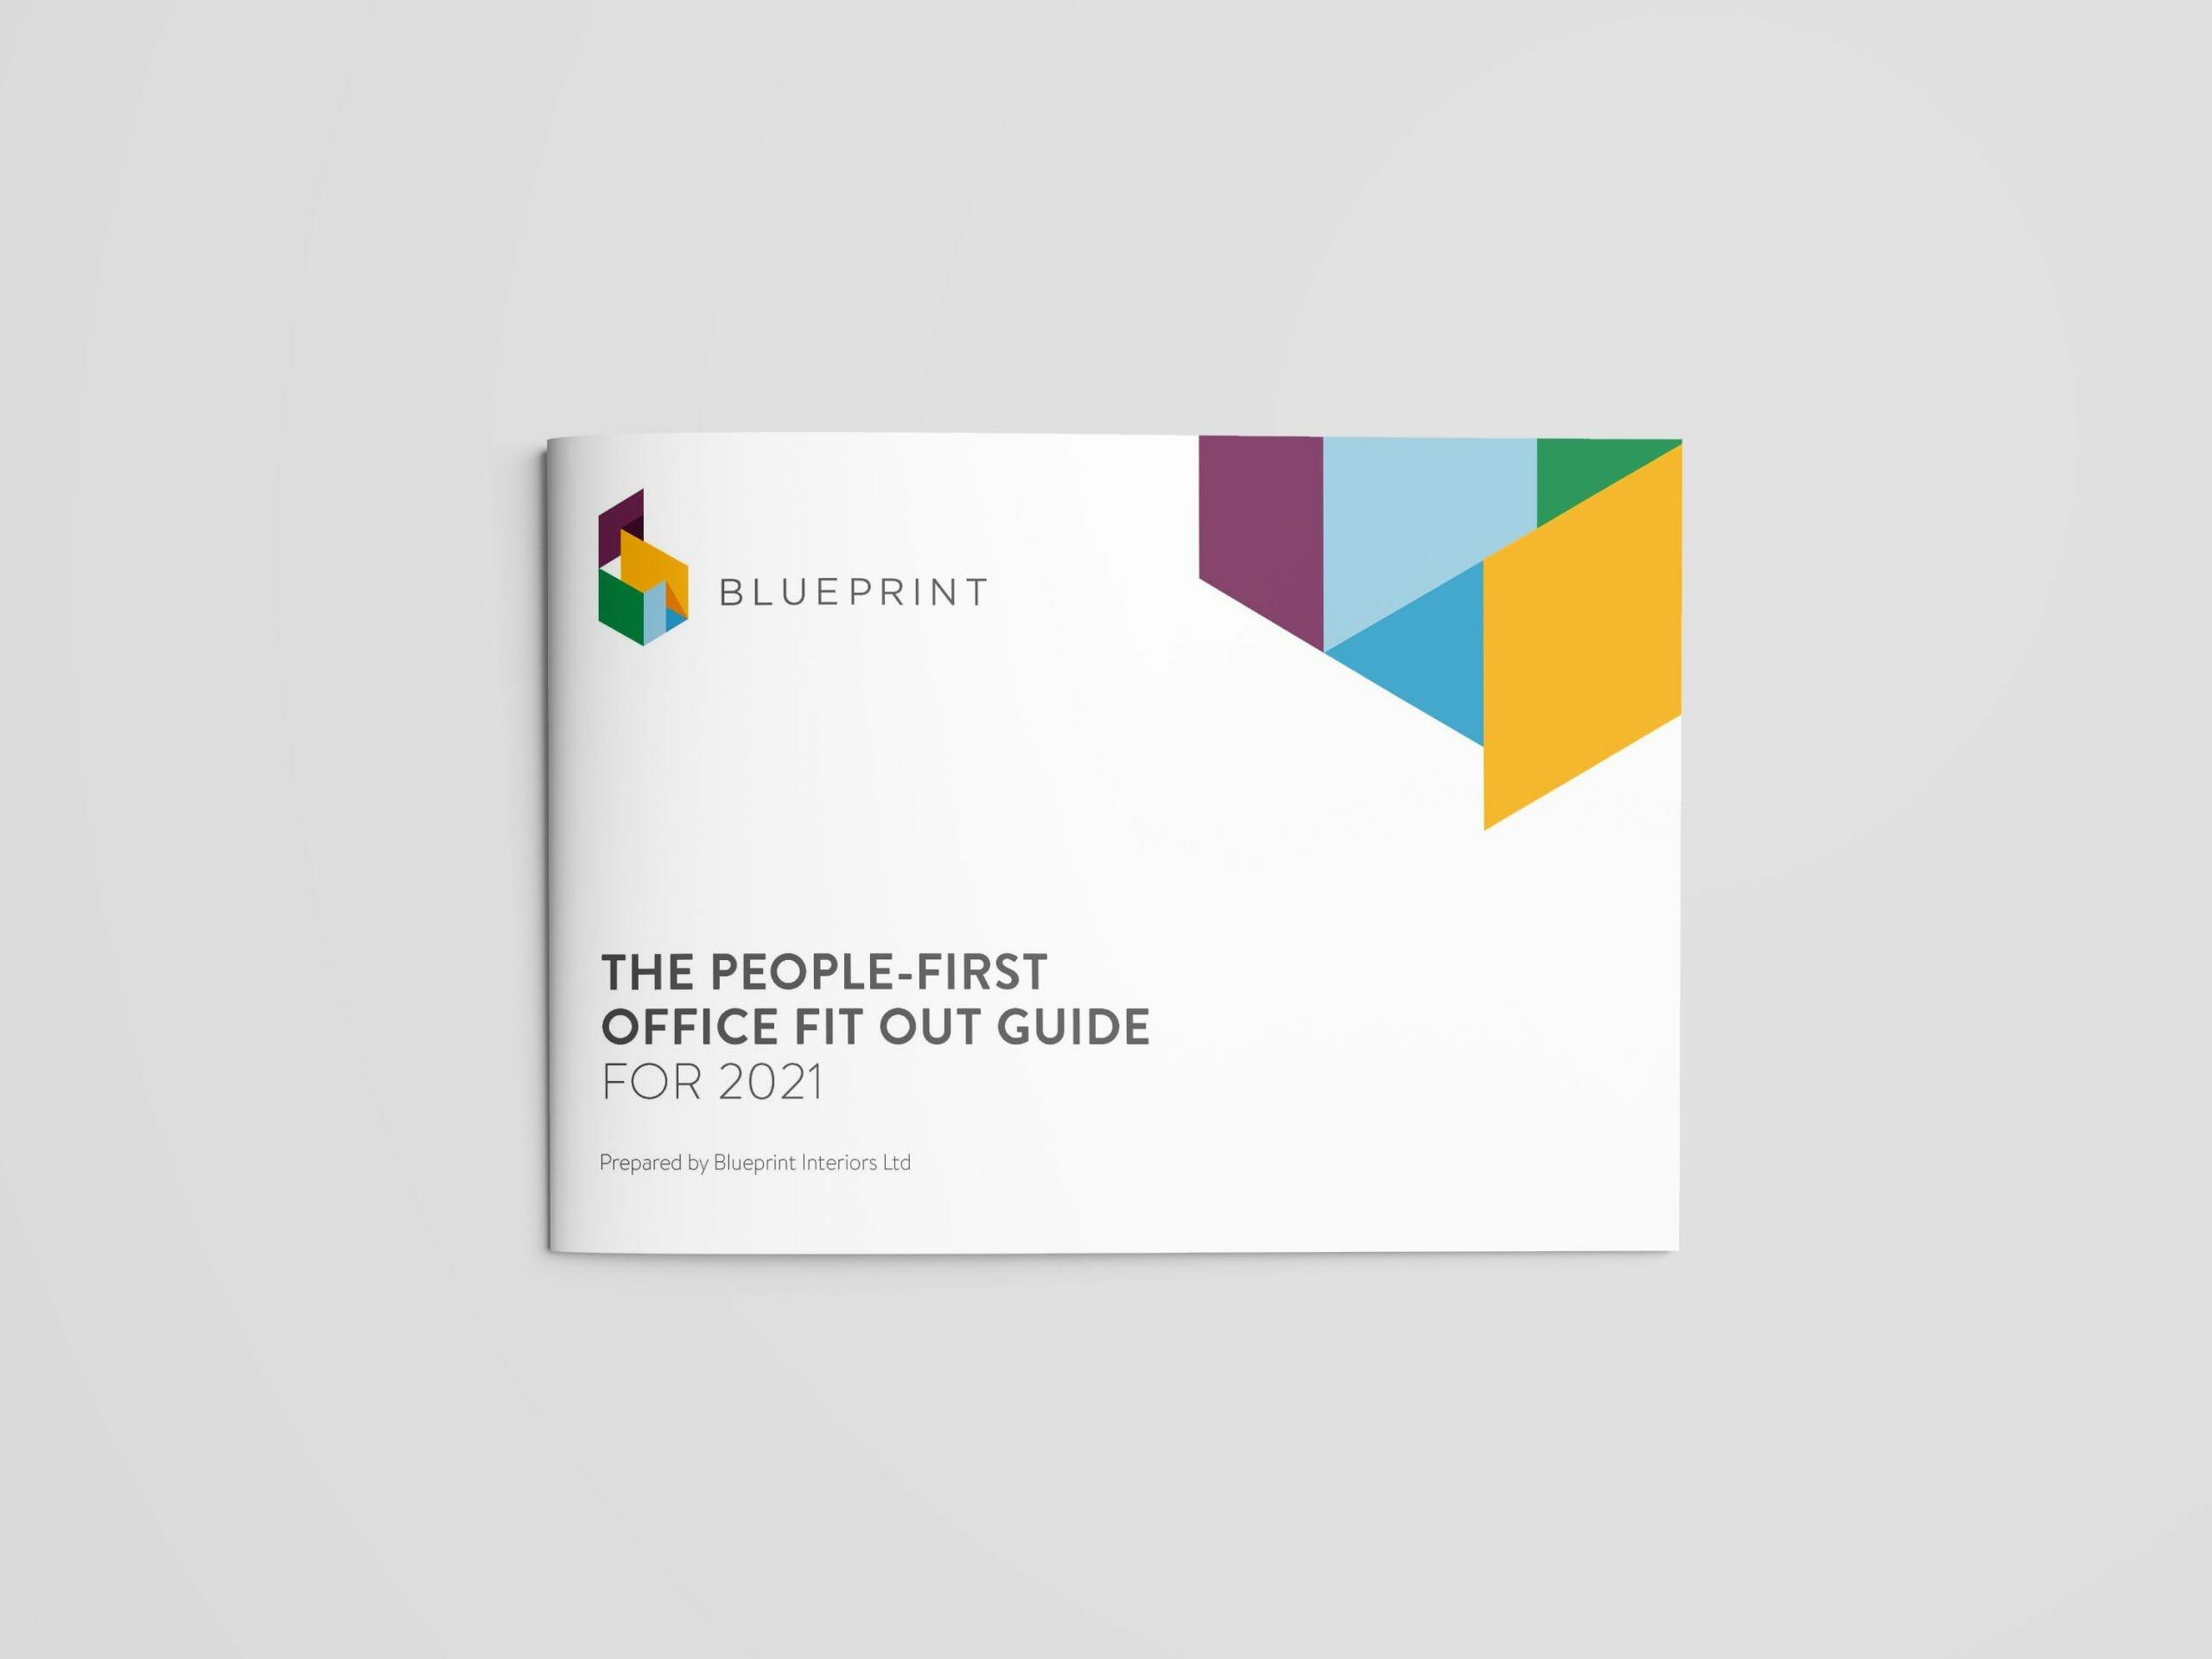 BP-R-03.21 Blueprint Office Fitout Guide A4 Landscape Brochure Mockup